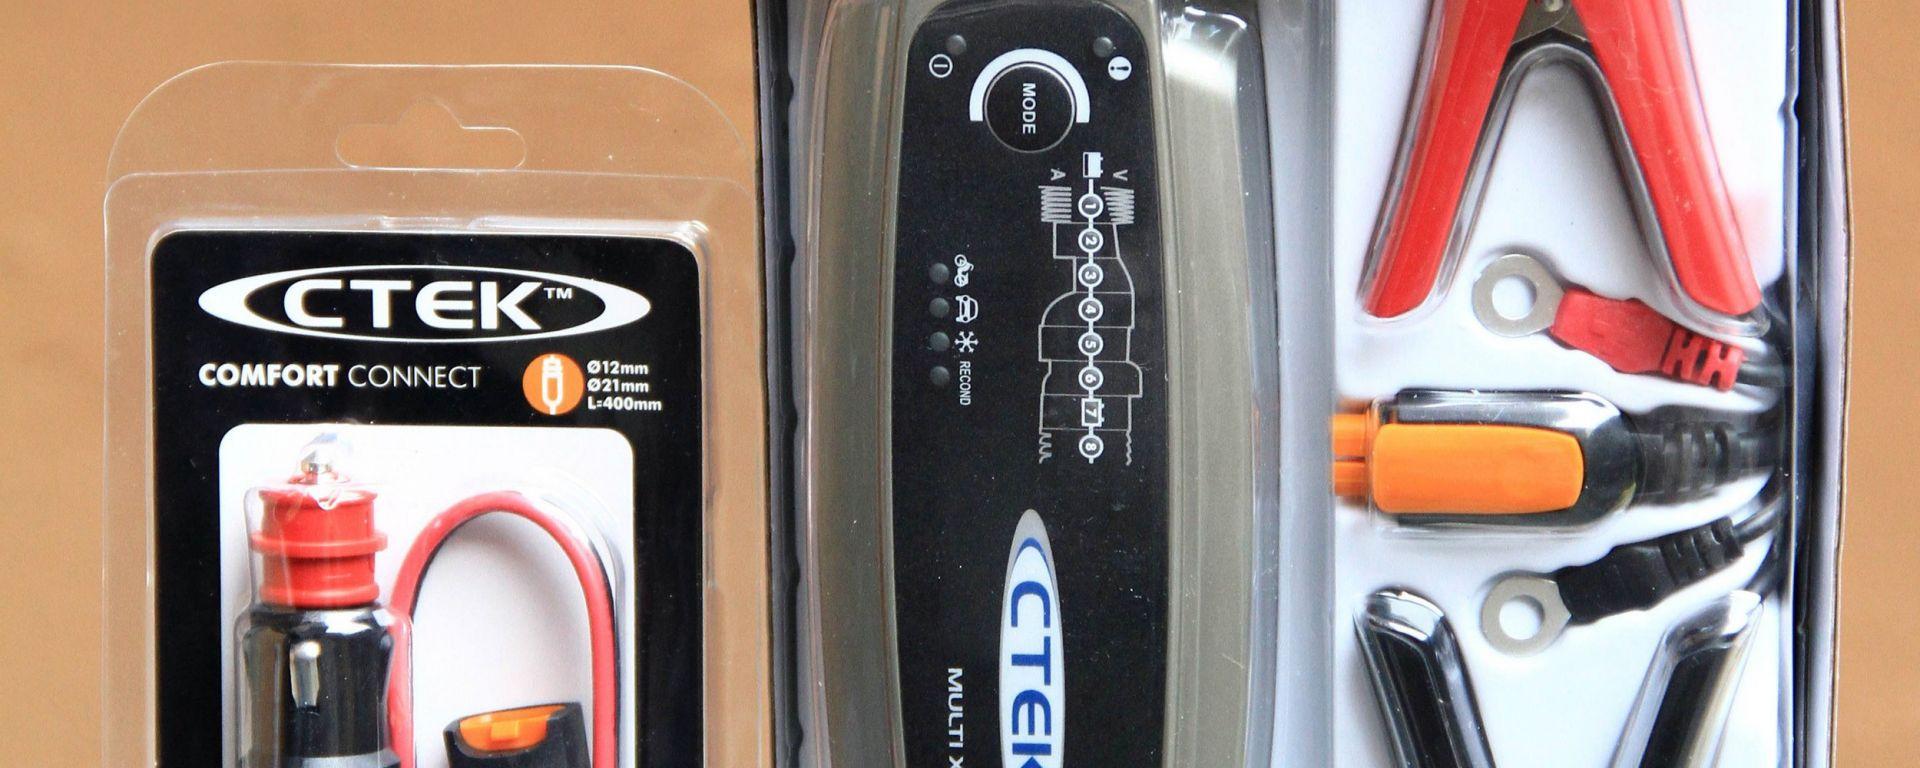 Come salvare la batteria. Il mantenitore di carica Ctek Multi XS 4003